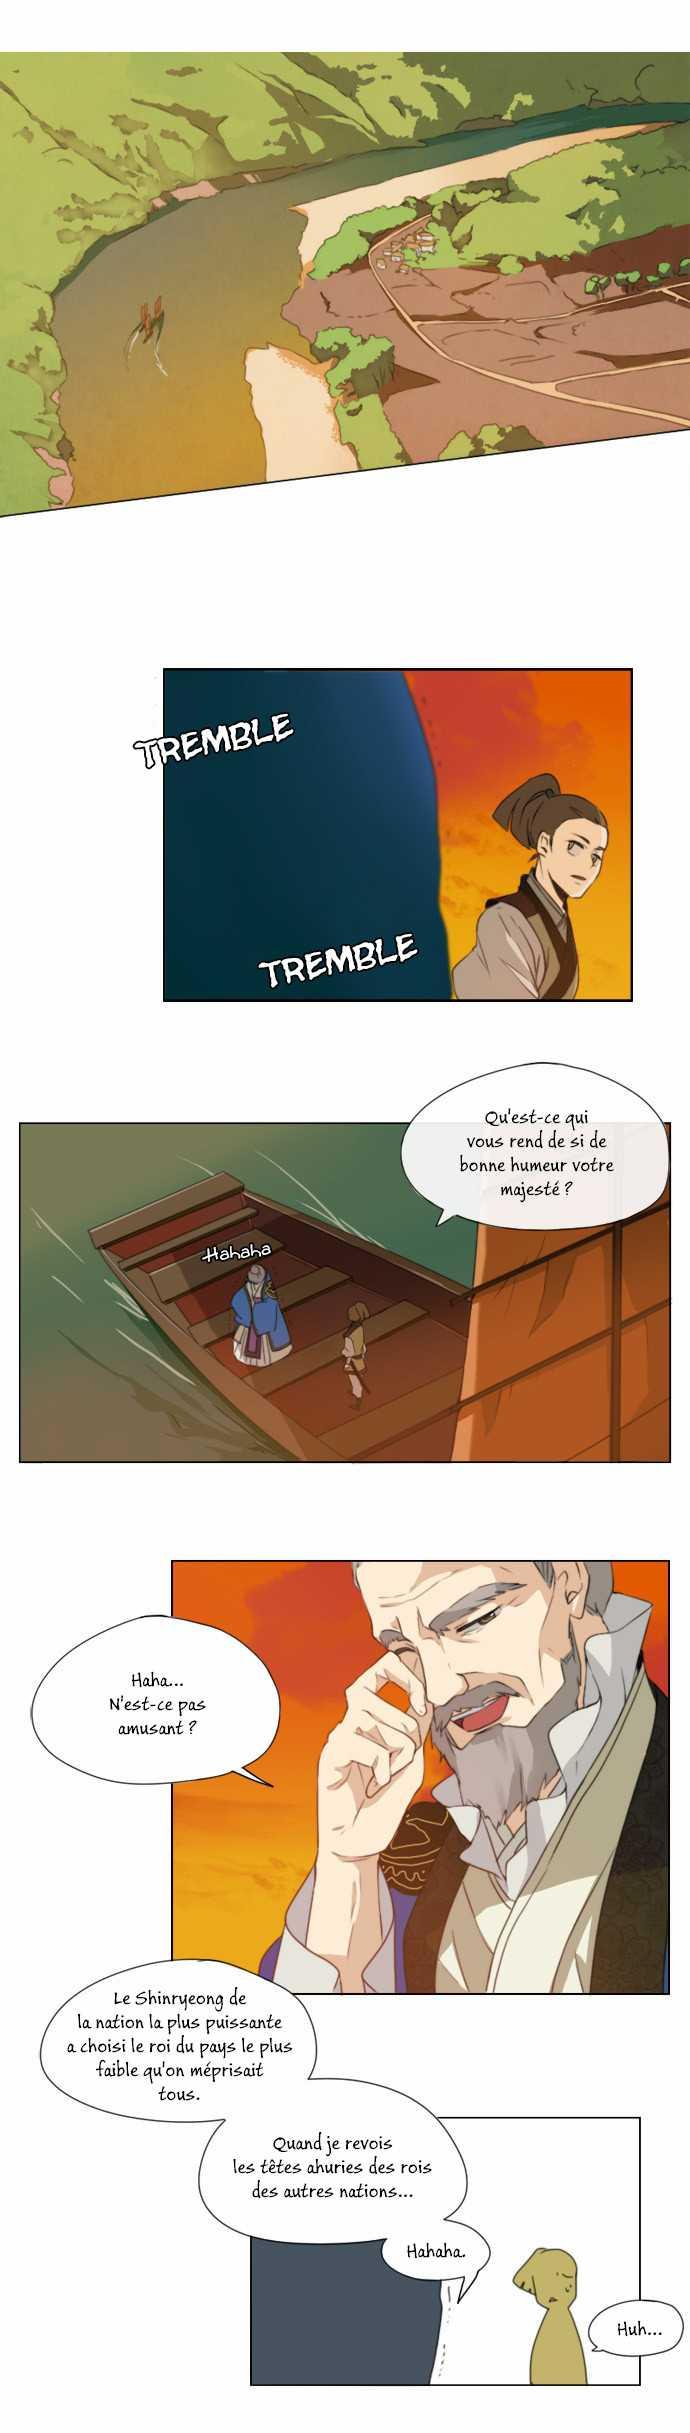 https://nine.mangadogs.com/fr_manga/pic1/1/833/40811/ShinryeongGhostBell3VF_0_751.jpg Page 1